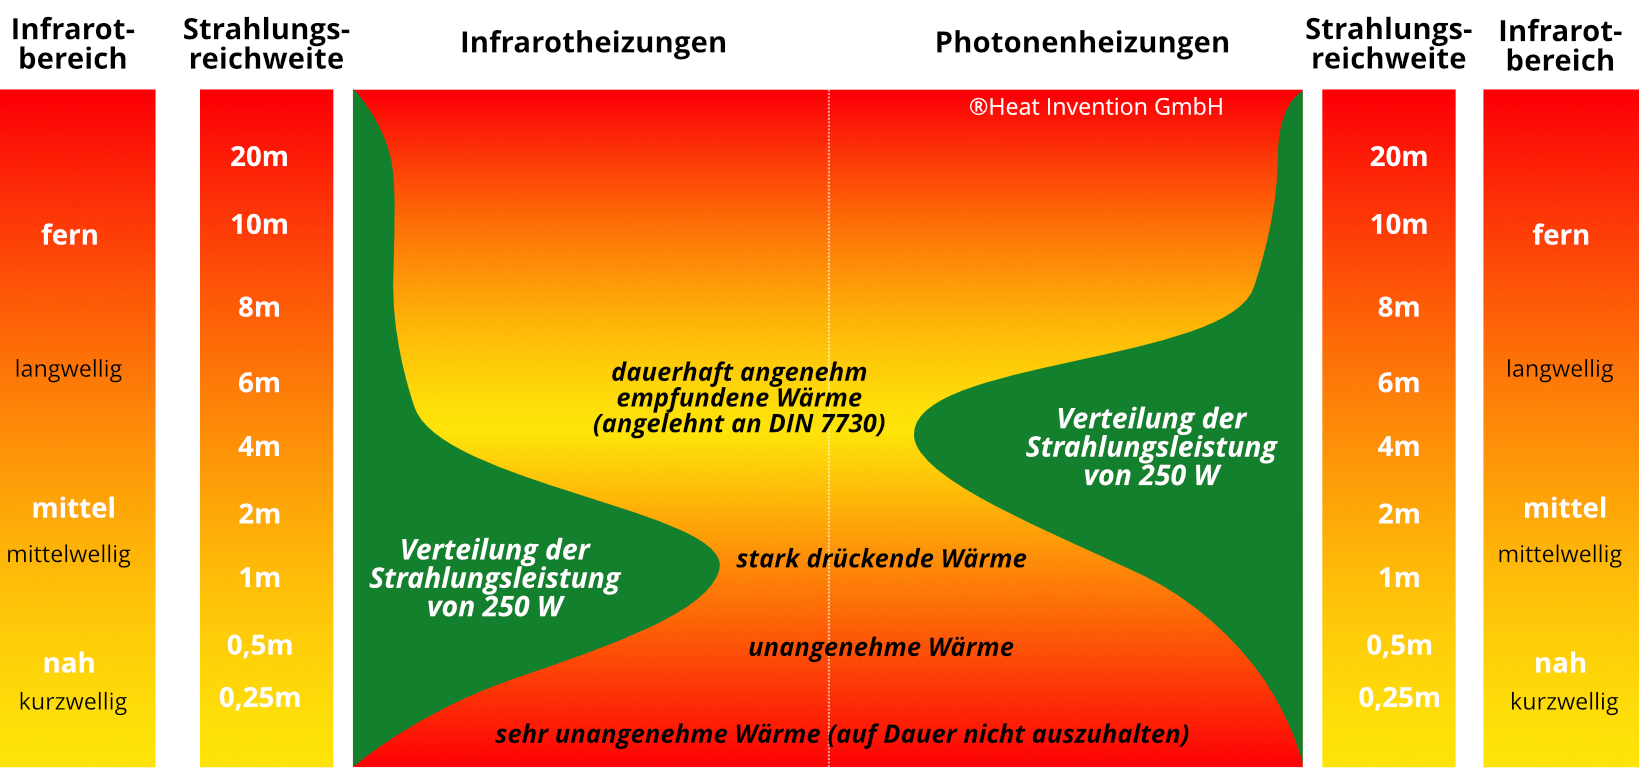 Infrarotheizungen und deren Strahlung